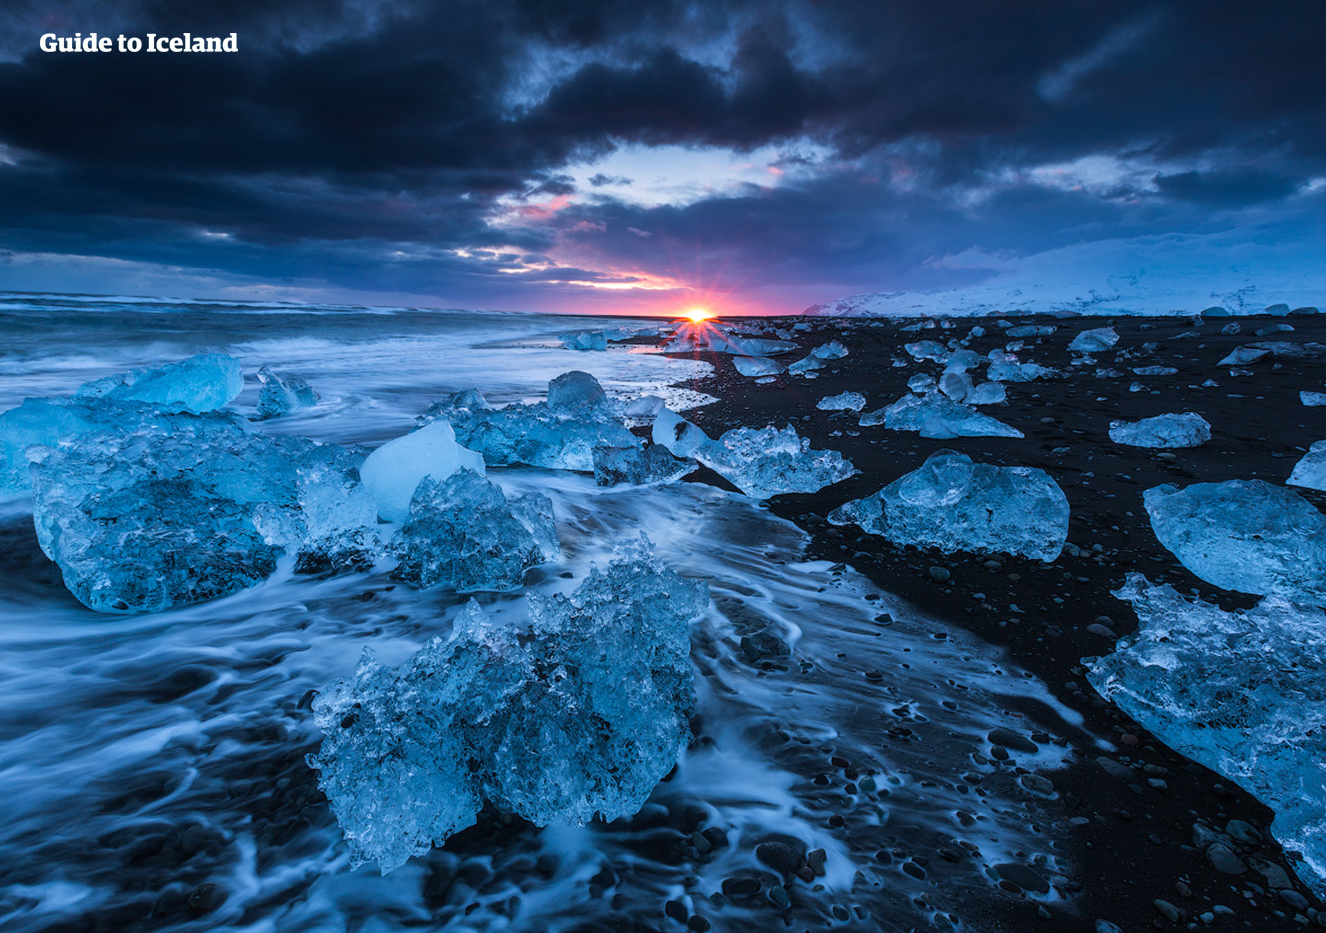 På en vinterrundtur där du kör själv kan du besöka Diamantstranden på kvällen och se solen gå ned bland glittrande isberg.